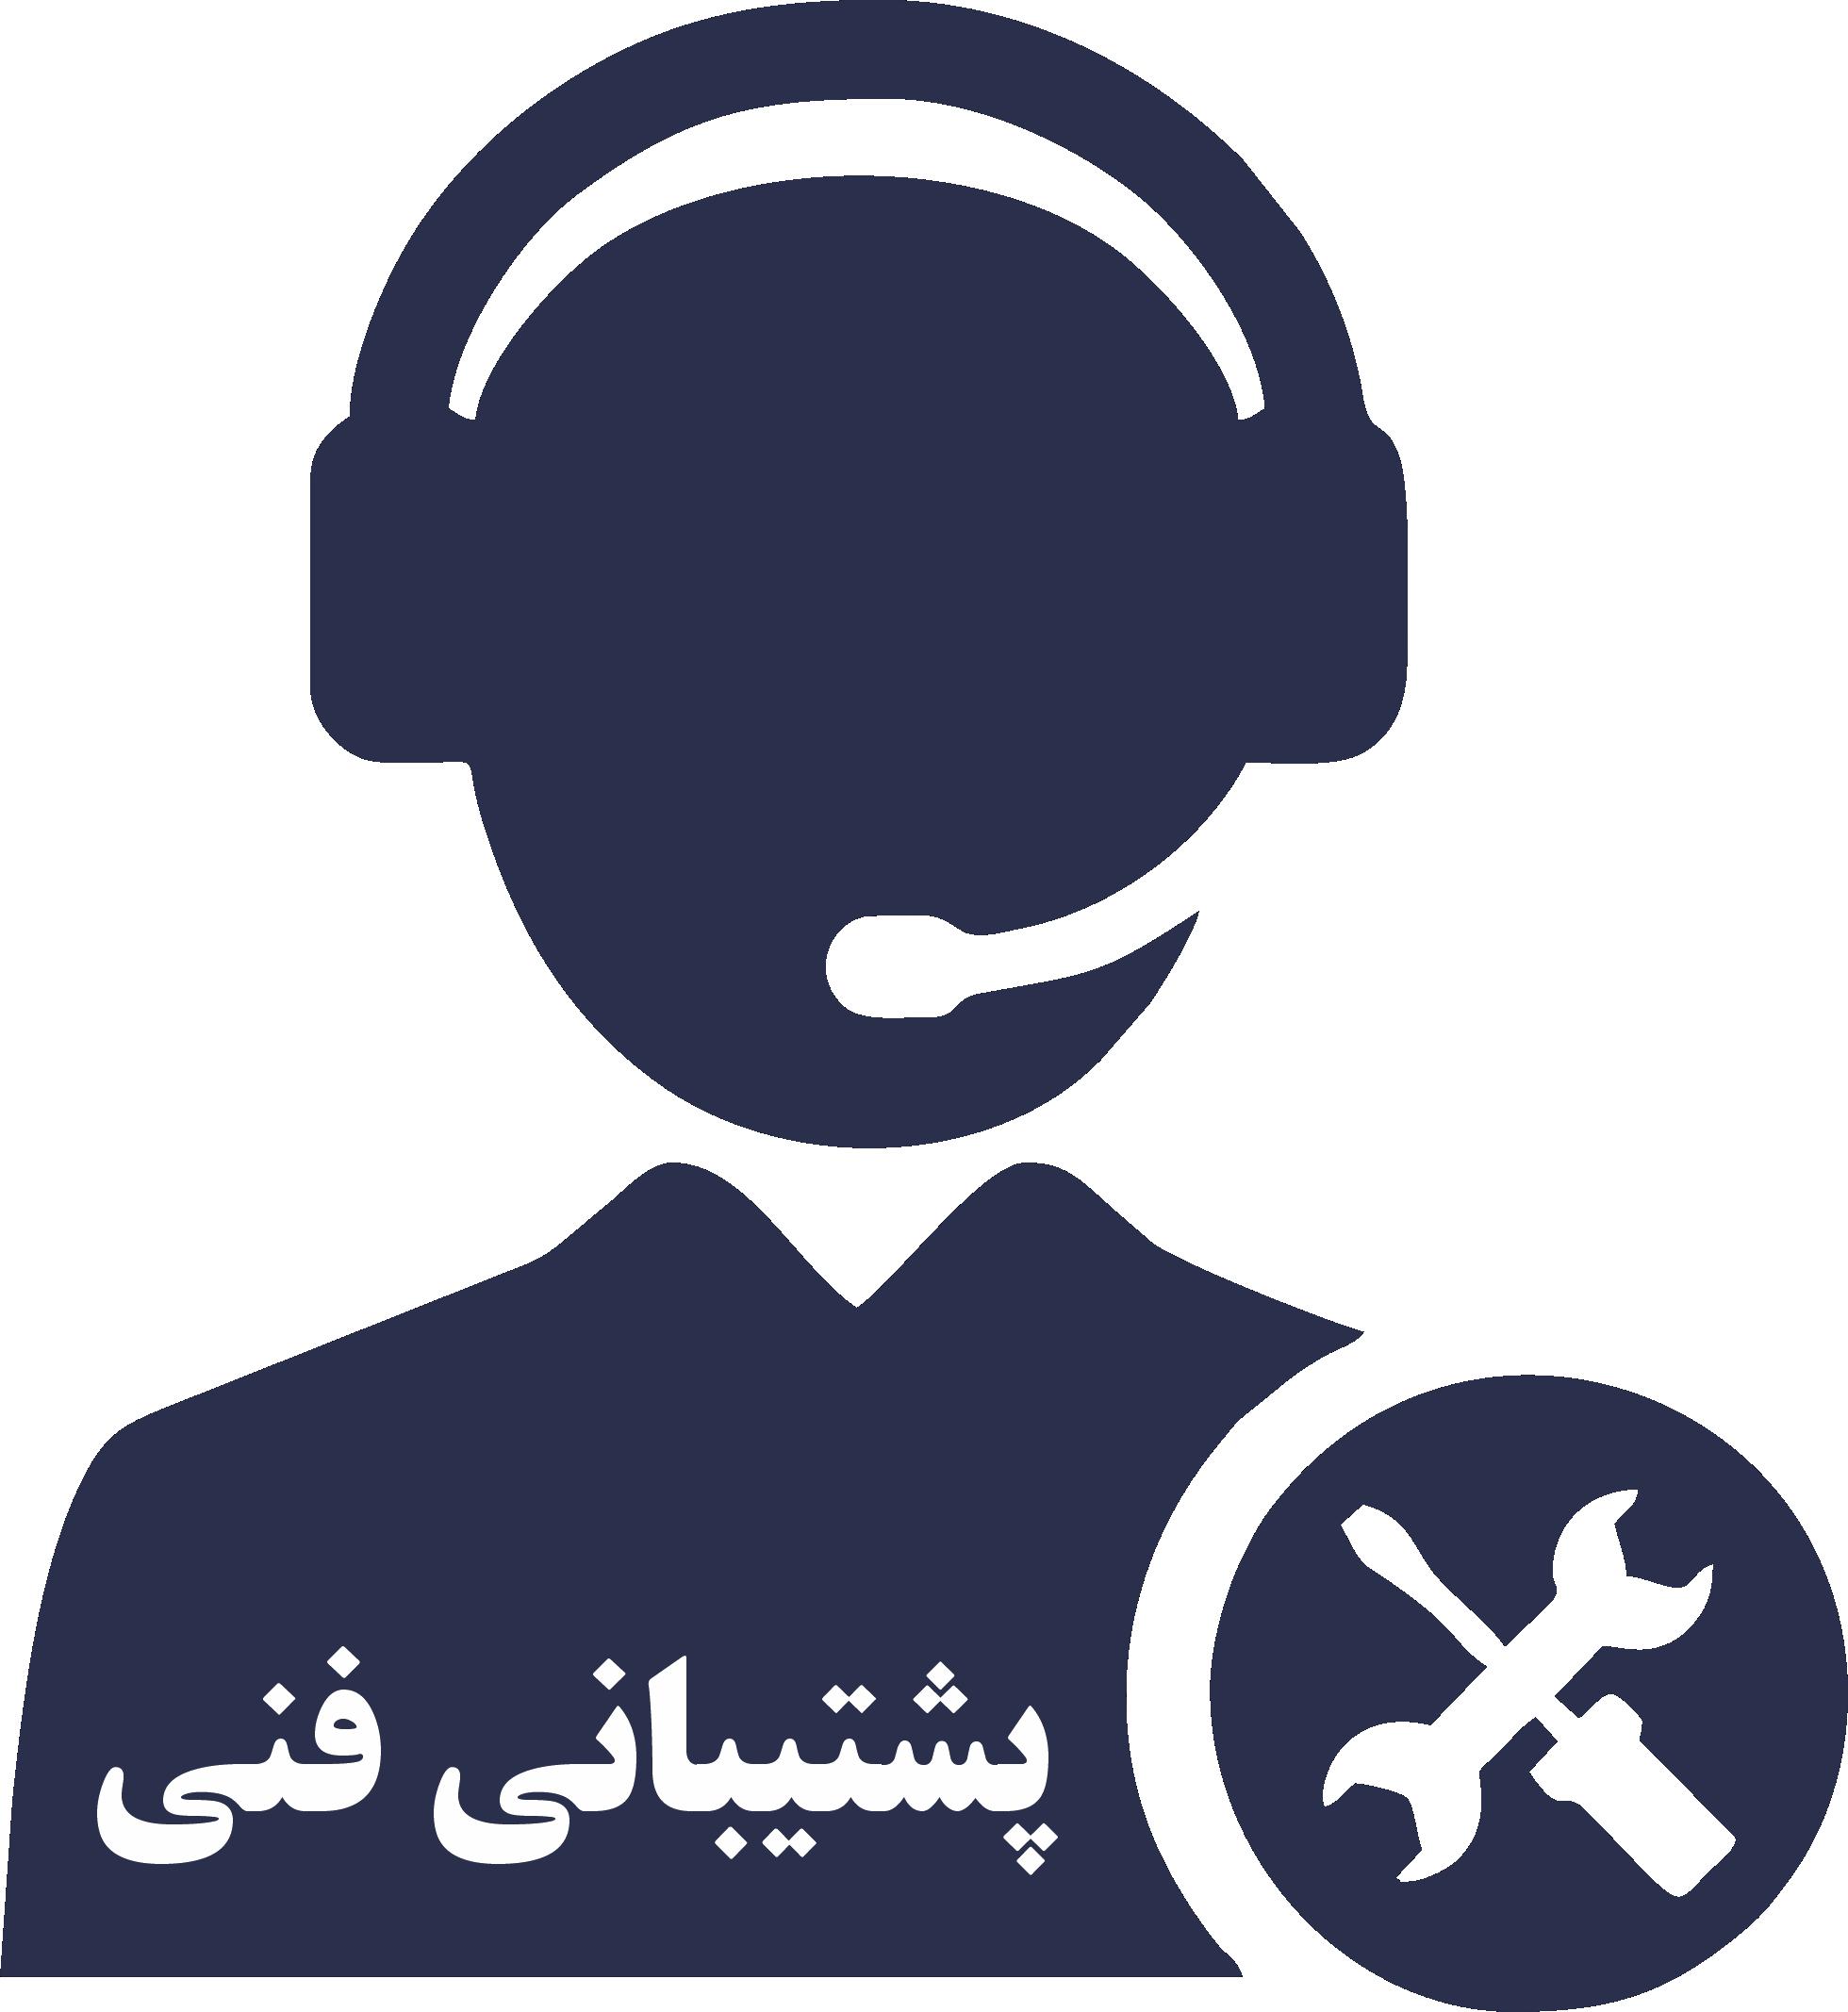 گفتگو با پشتیبانی در واتساپ